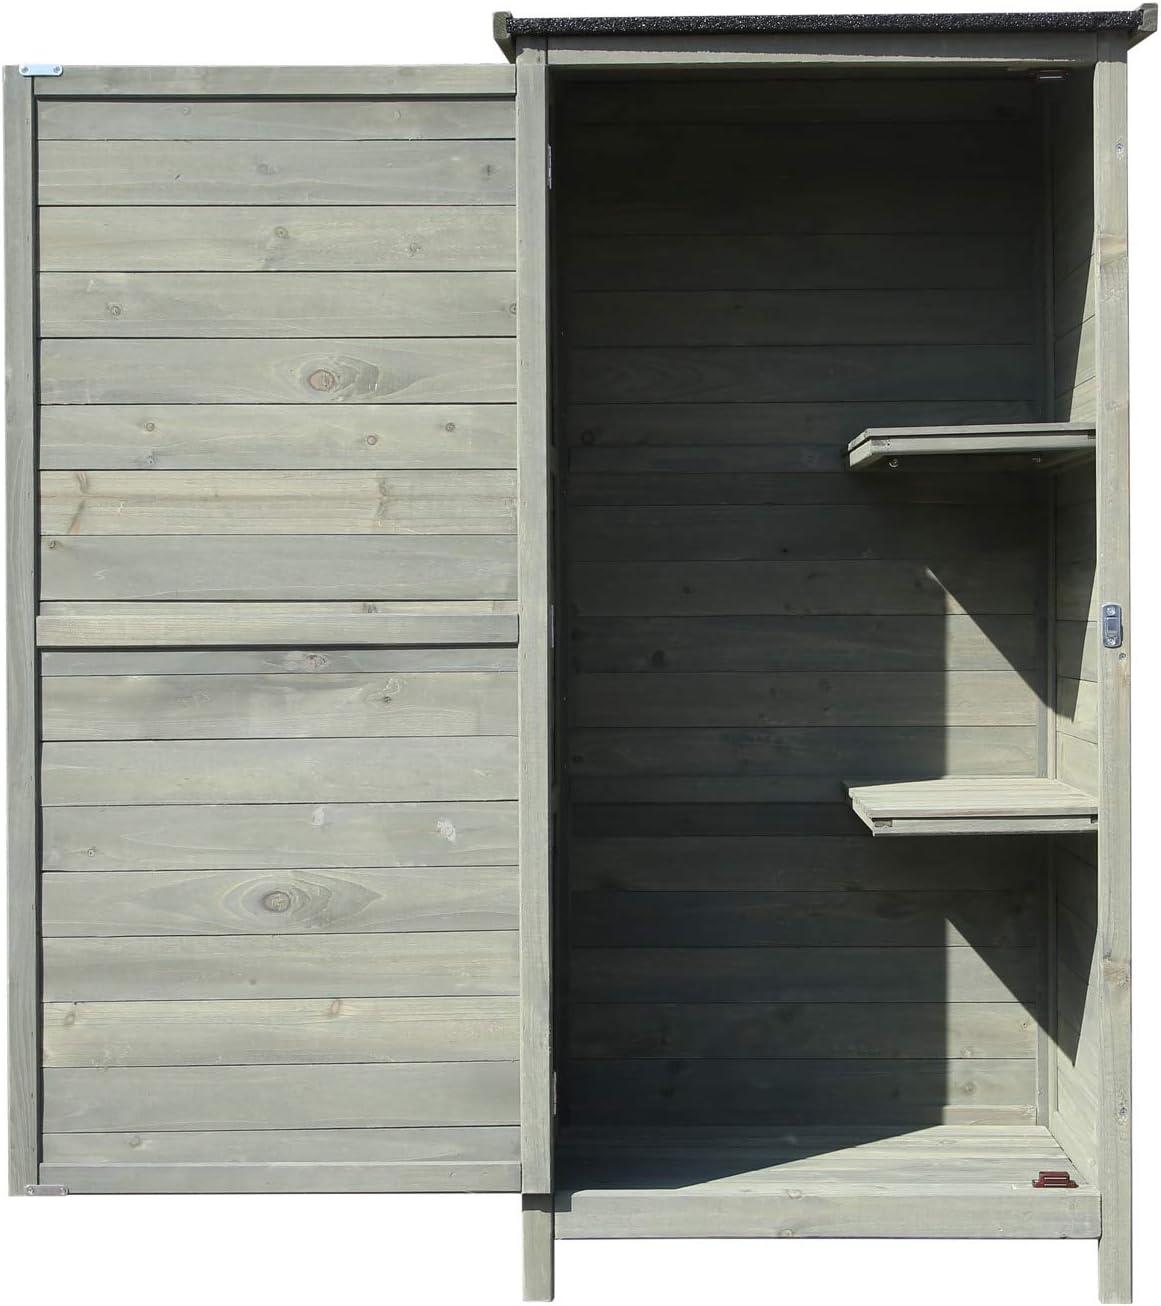 Armario para jardín de madera 69,5x52x142cm con tejado alquitranado plano y puerta, mueble exterior